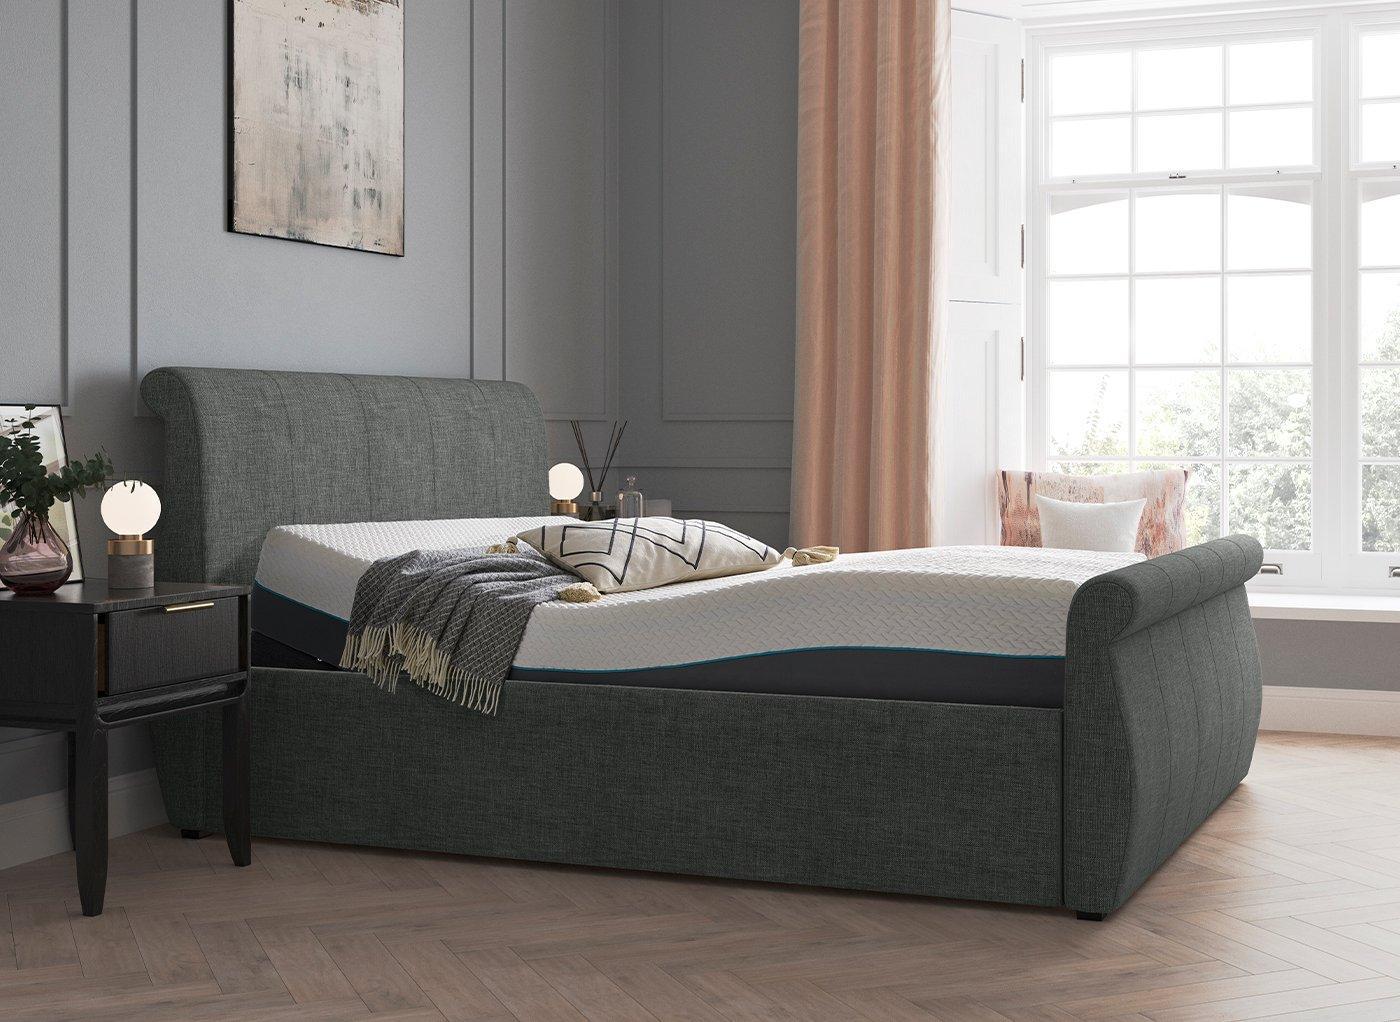 lucia-sleepmotion-200i-adjustable-upholstered-bed-frame